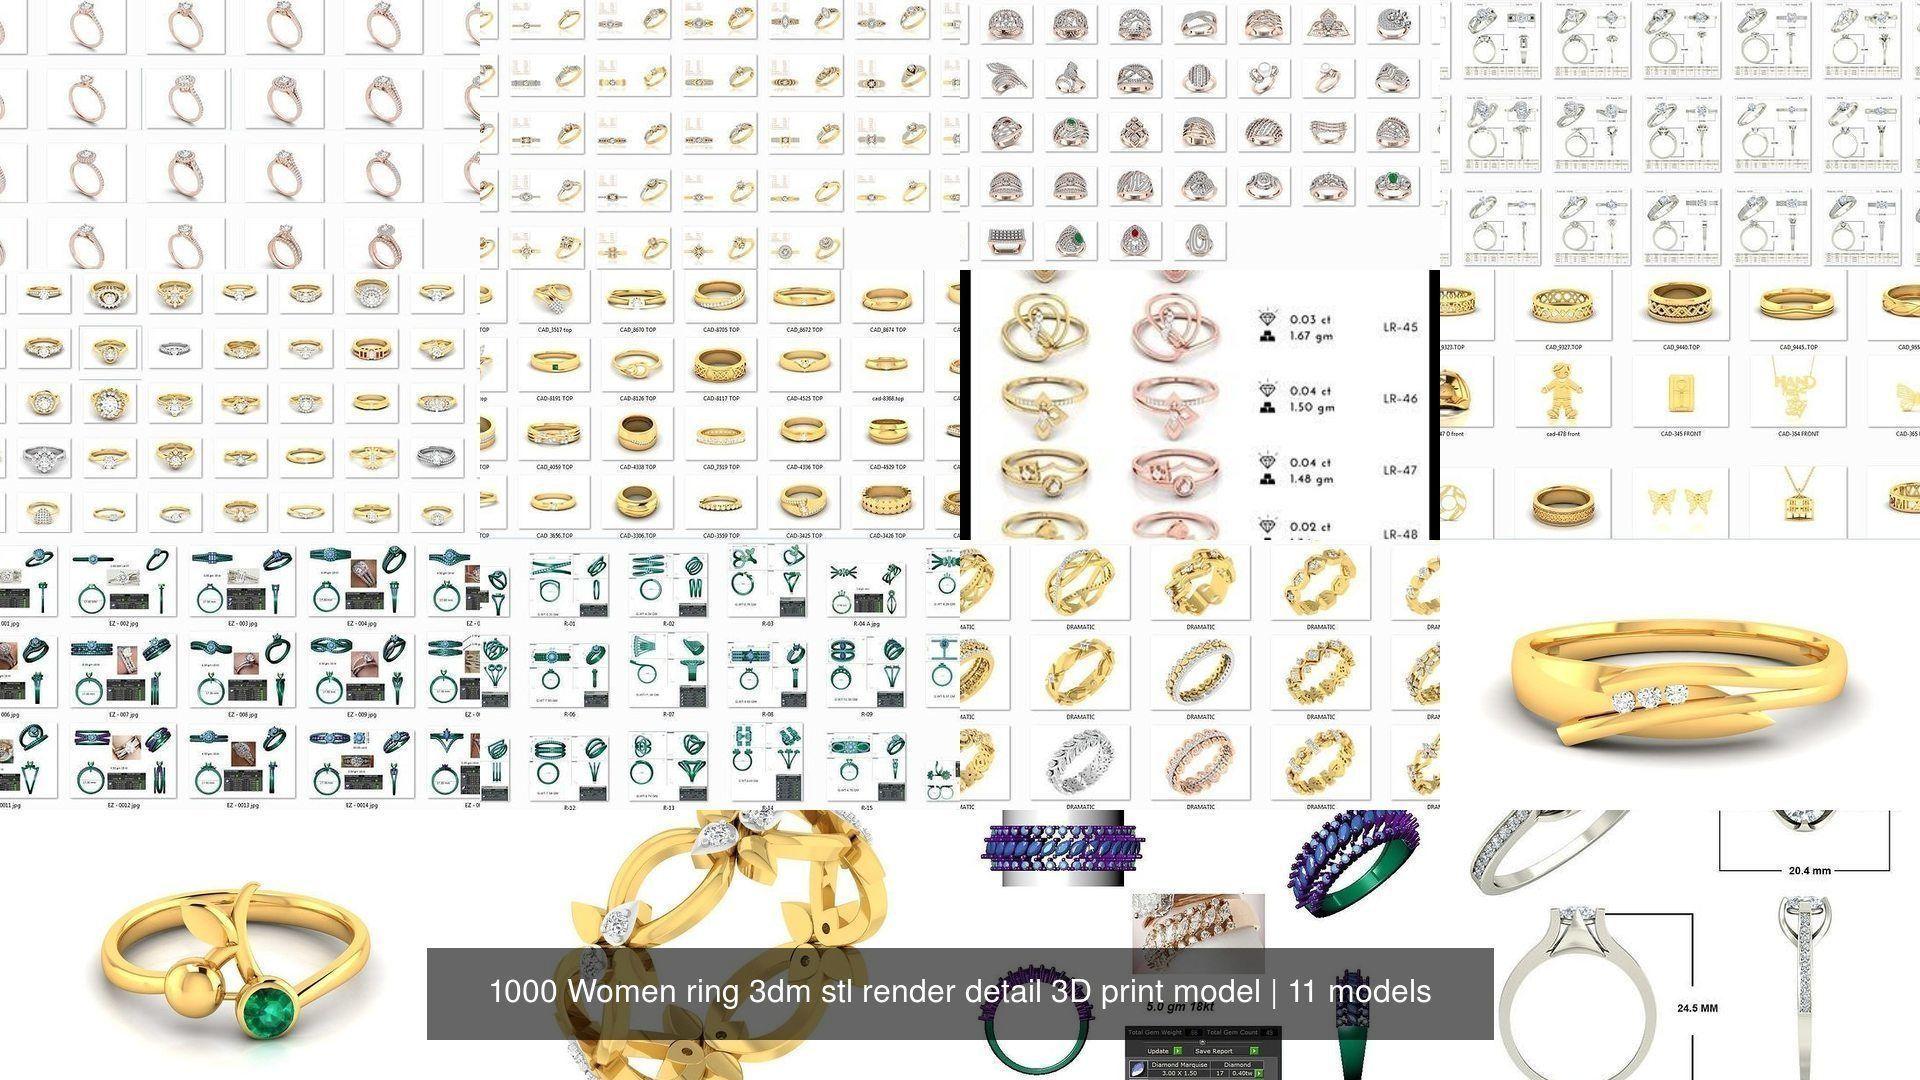 1000 Women ring 3dm stl render detail 3D print model